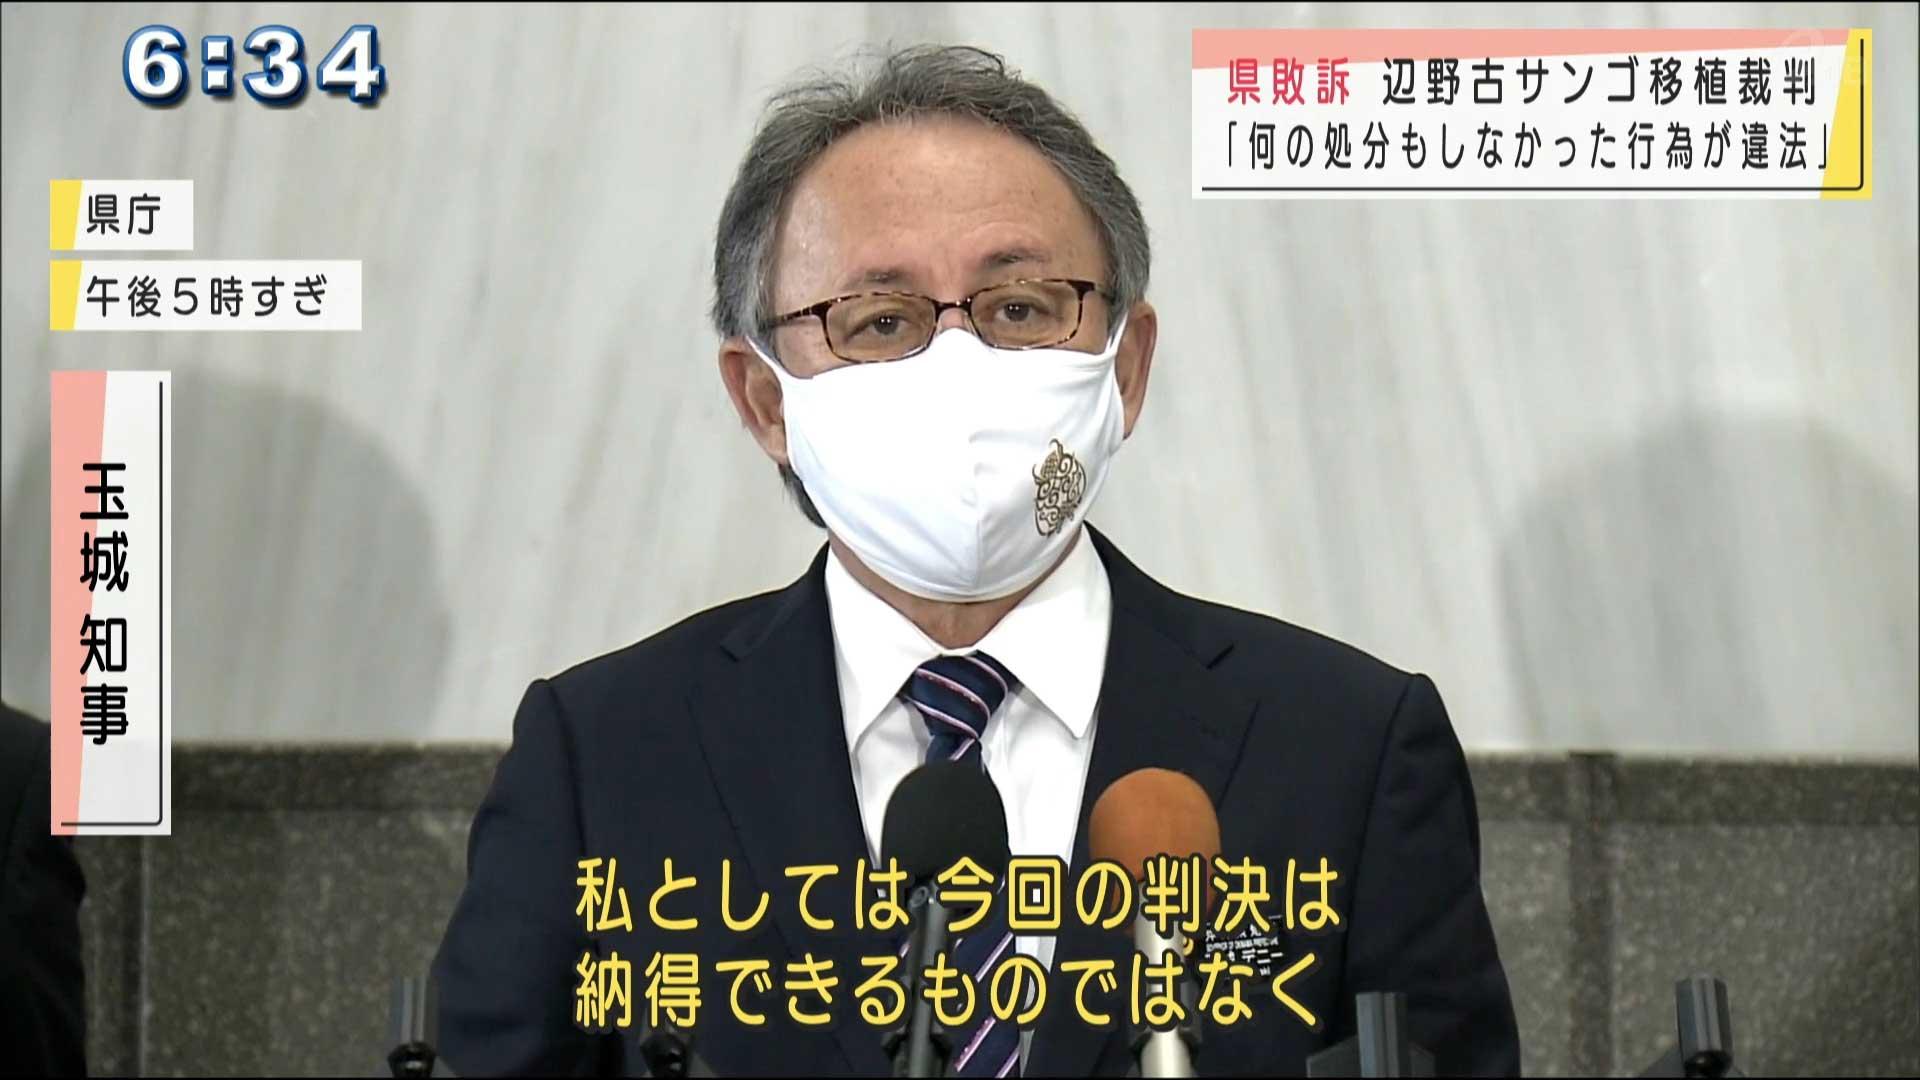 辺野古サンゴ移植裁判 県が敗訴